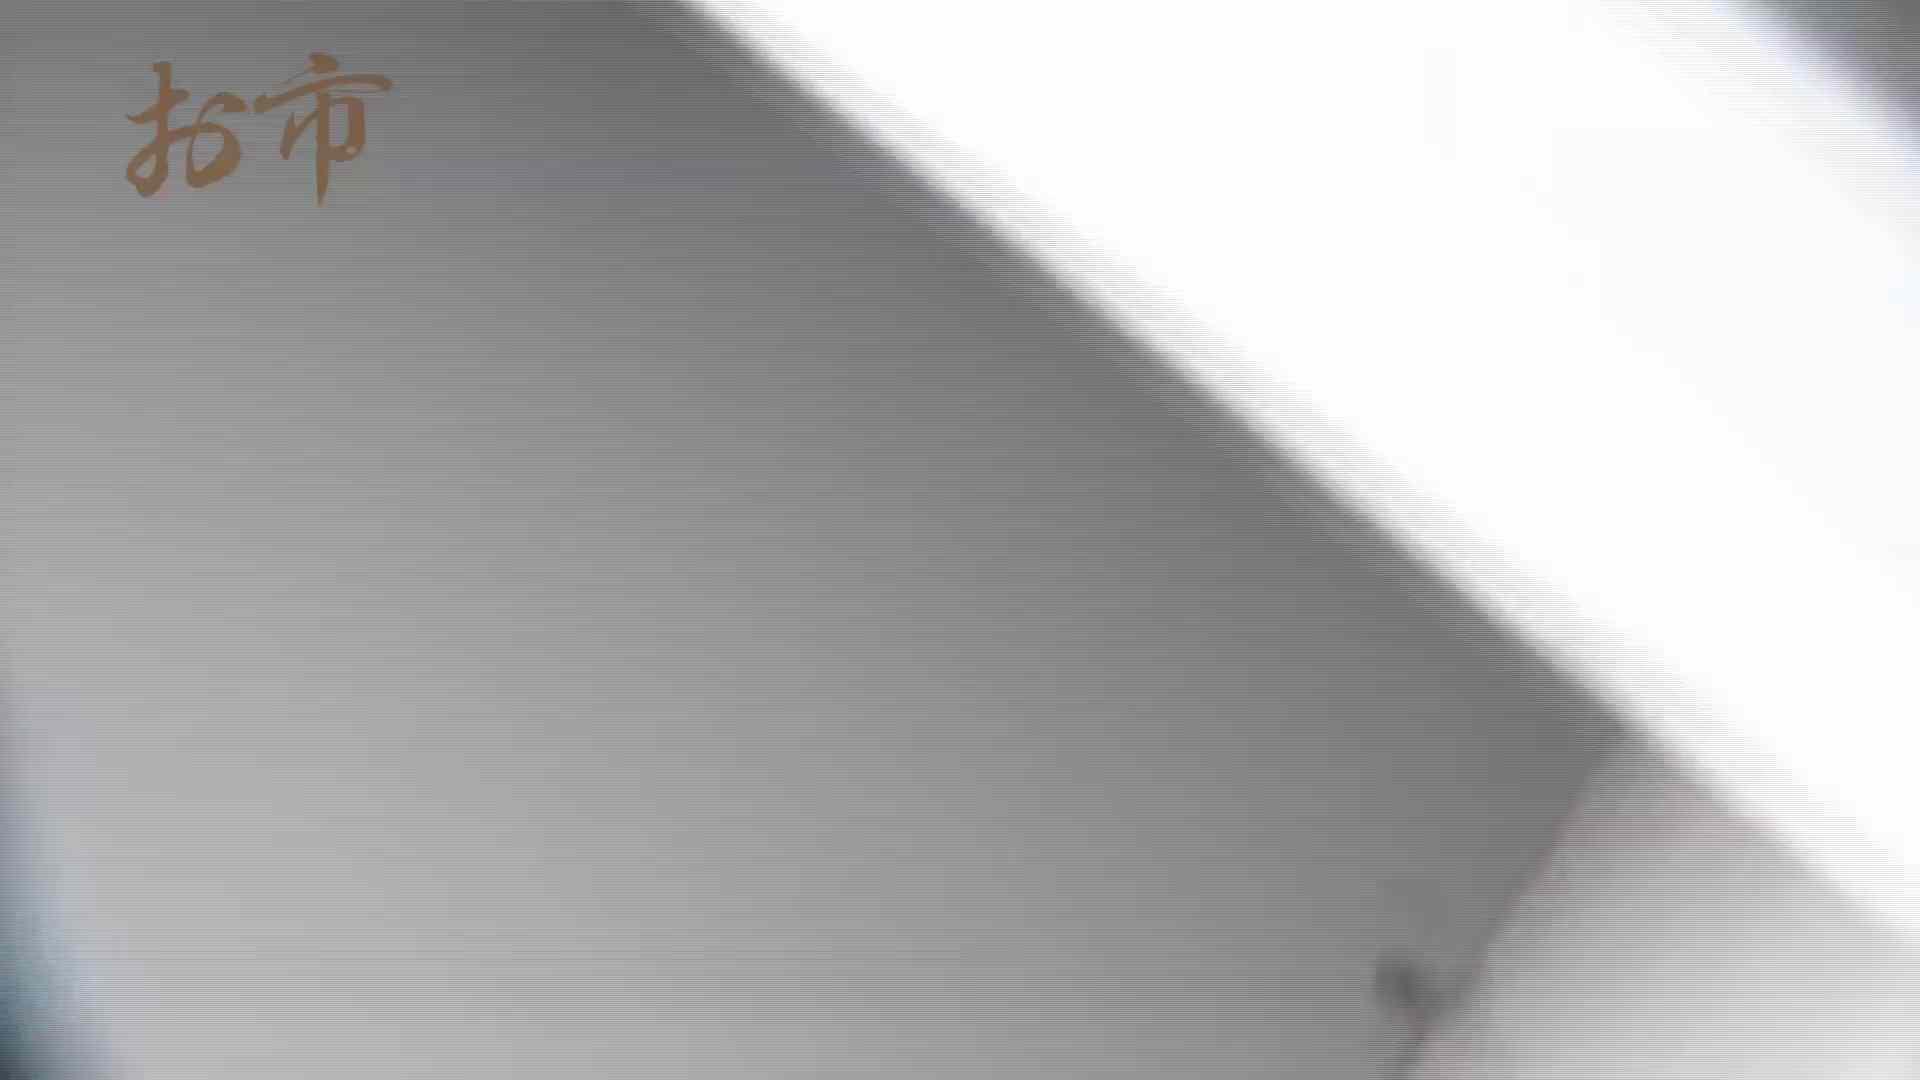 潜入!!台湾名門女学院 Vol.12 長身モデル驚き見たことないシチュエーション 盗撮  105PIX 87